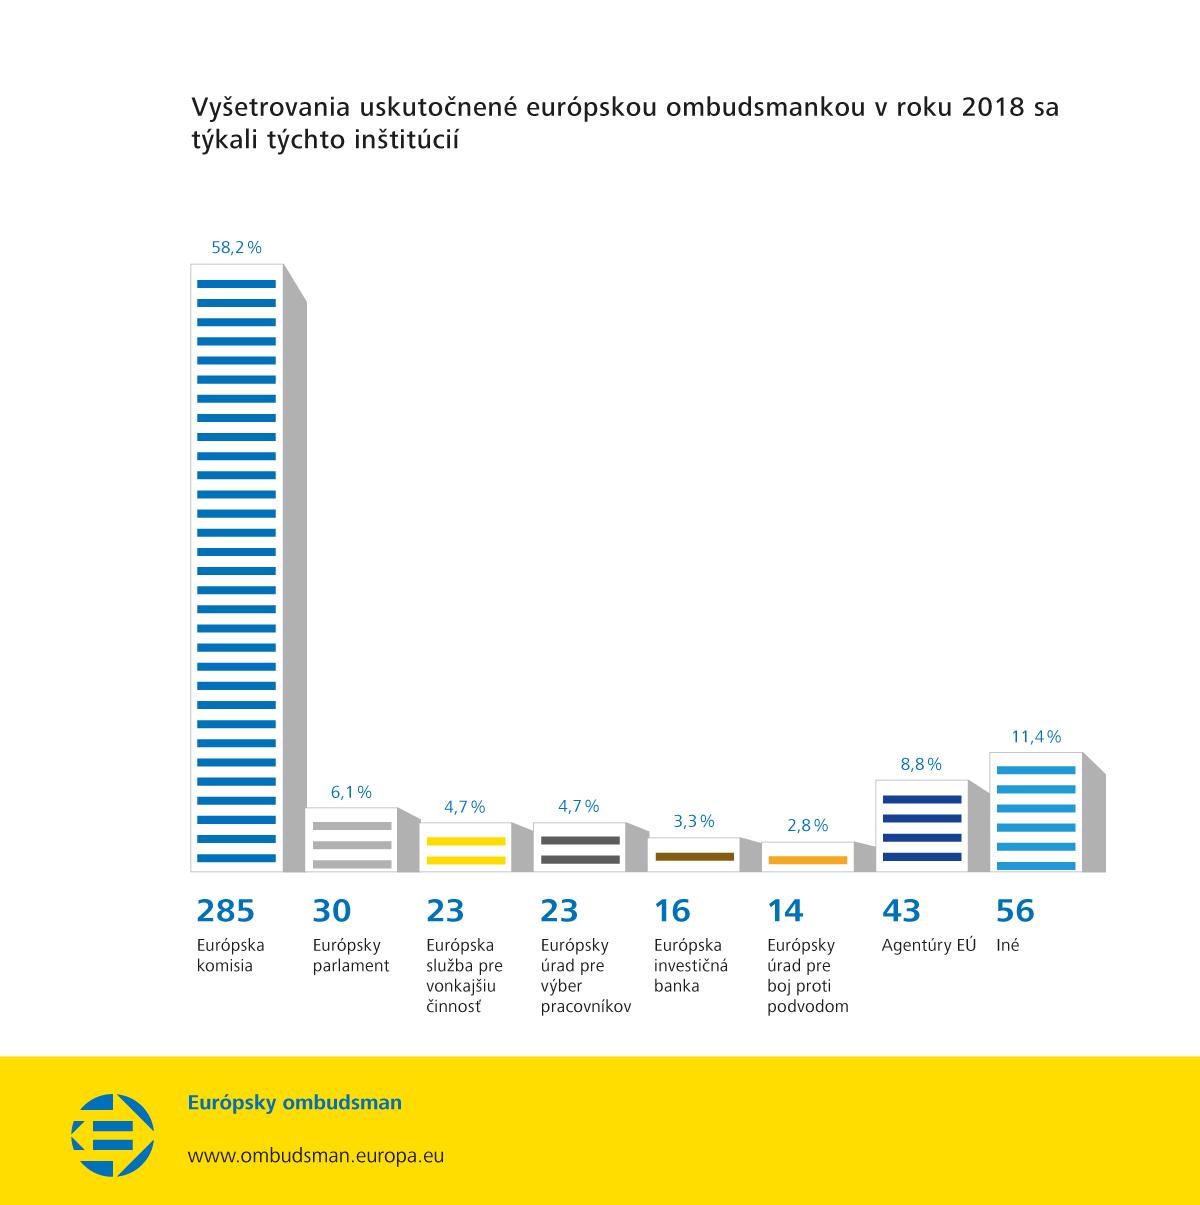 Vyšetrovania uskutočnené európskou ombudsmankou v roku 2018 sa týkali týchto inštitúcií